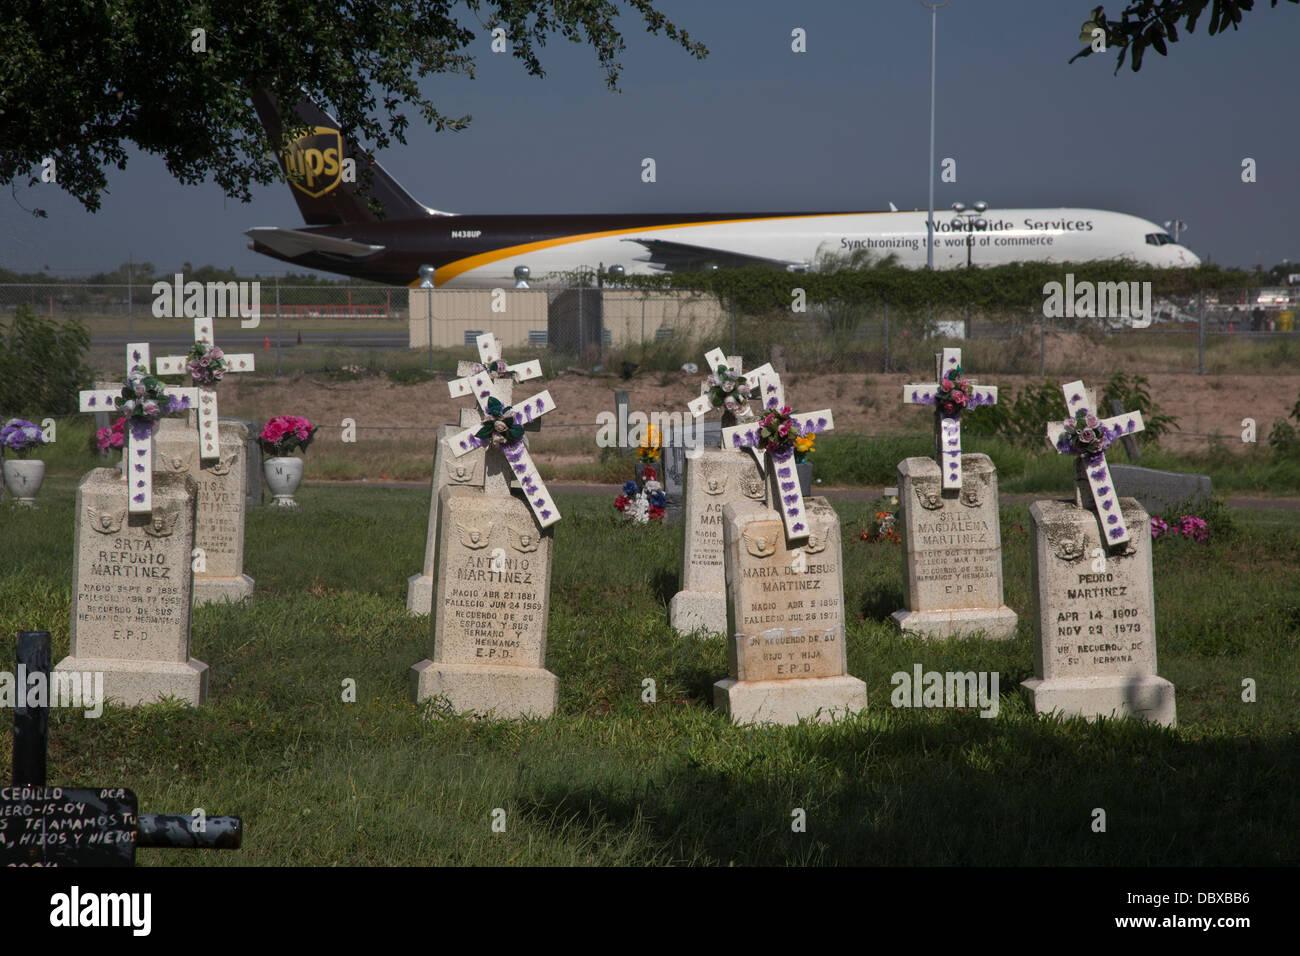 McAllen, Texas - La Piedad cimitero, accanto a un UPS cargo jet in attesa al McAllen-Miller International Airport. Immagini Stock